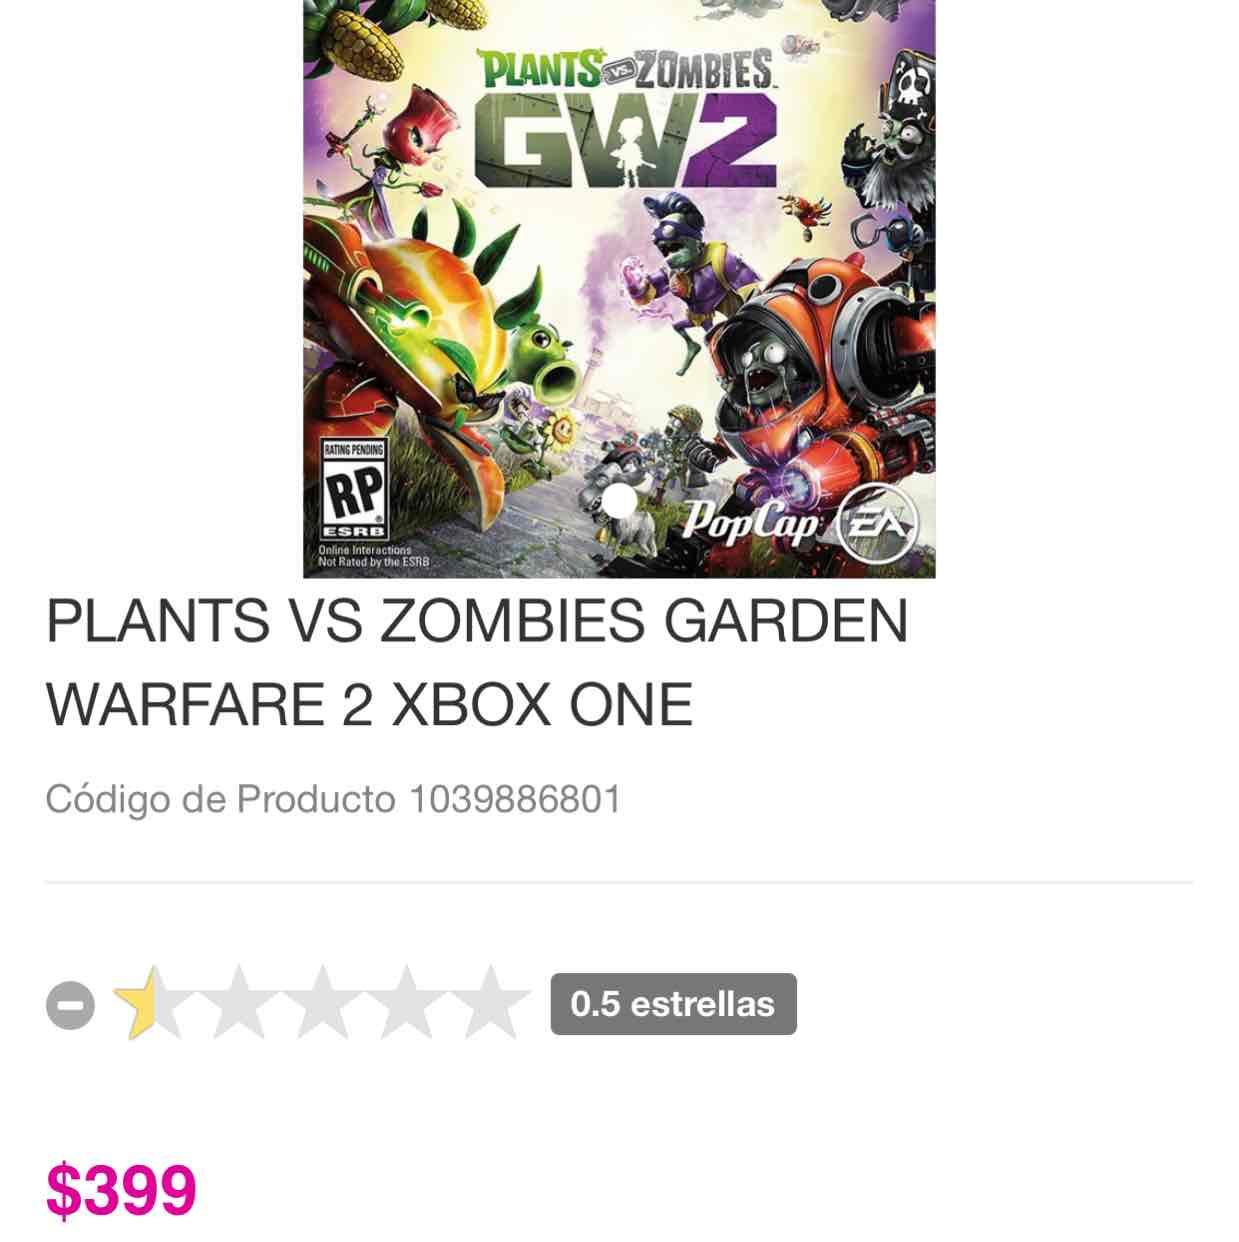 Liverpool: Juego de Xbox One Plantas vs zombies GW2 (preventa)